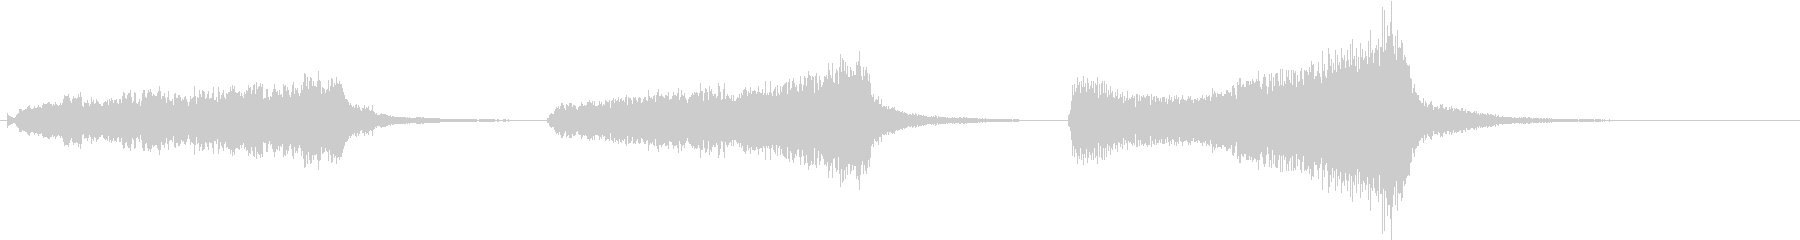 トムとジェリー風なアニメ音楽「驚き」2の未再生の波形